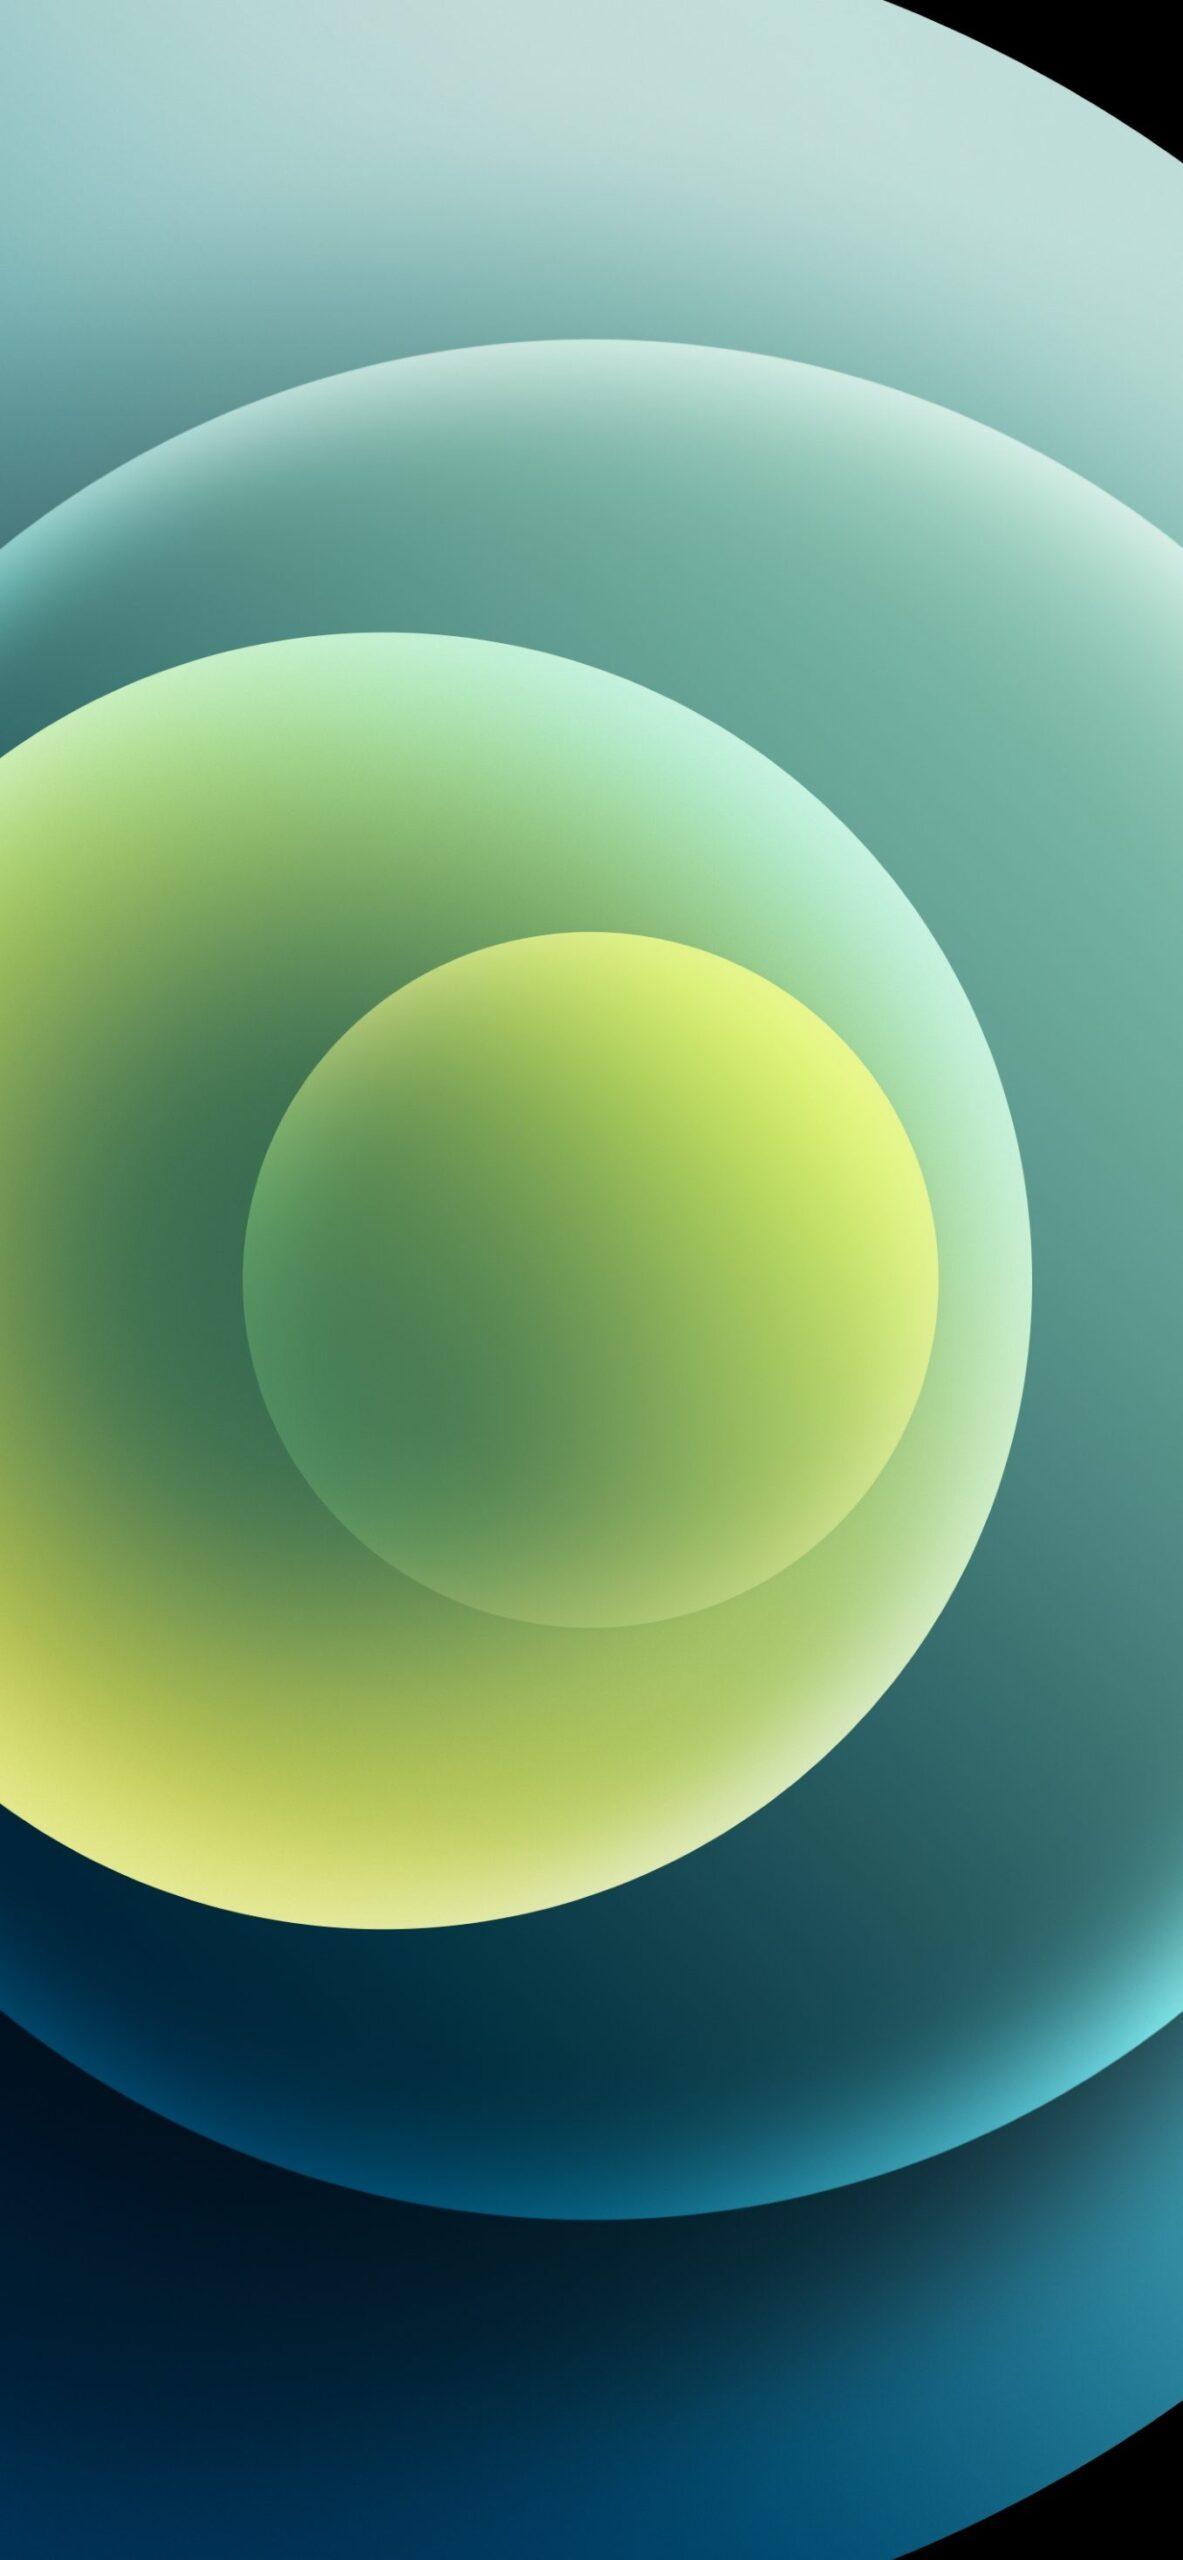 Sforum - Trang thông tin công nghệ mới nhất Orbs-Green-Light-scaled Mời tải trọn bộ hình nền đầy màu sắc của loạt iPhone 12 mới ra mắt